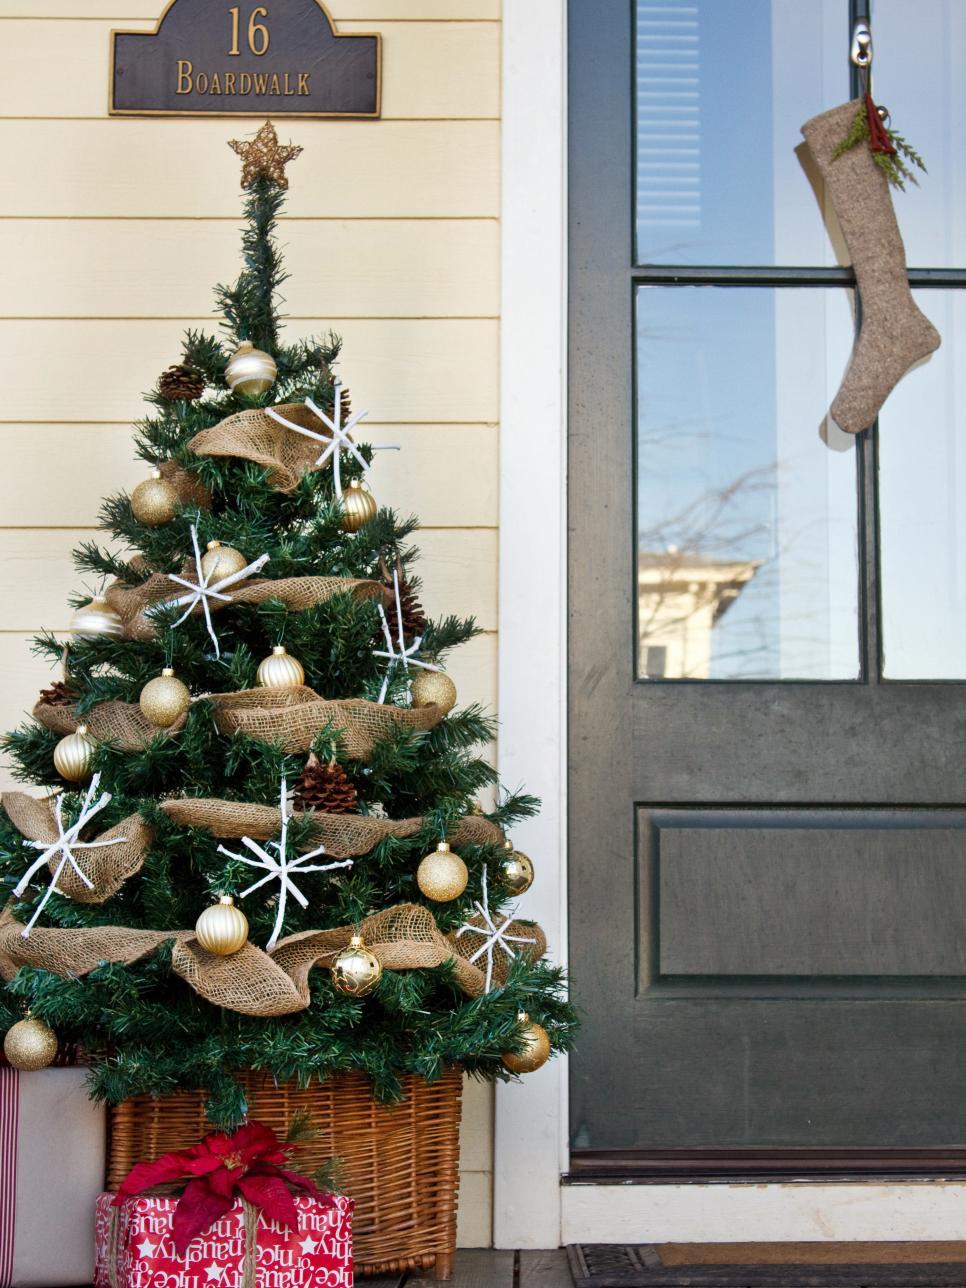 10 karácsonyi csináld-magad dekoráció kültérre, amit imádni fogsz